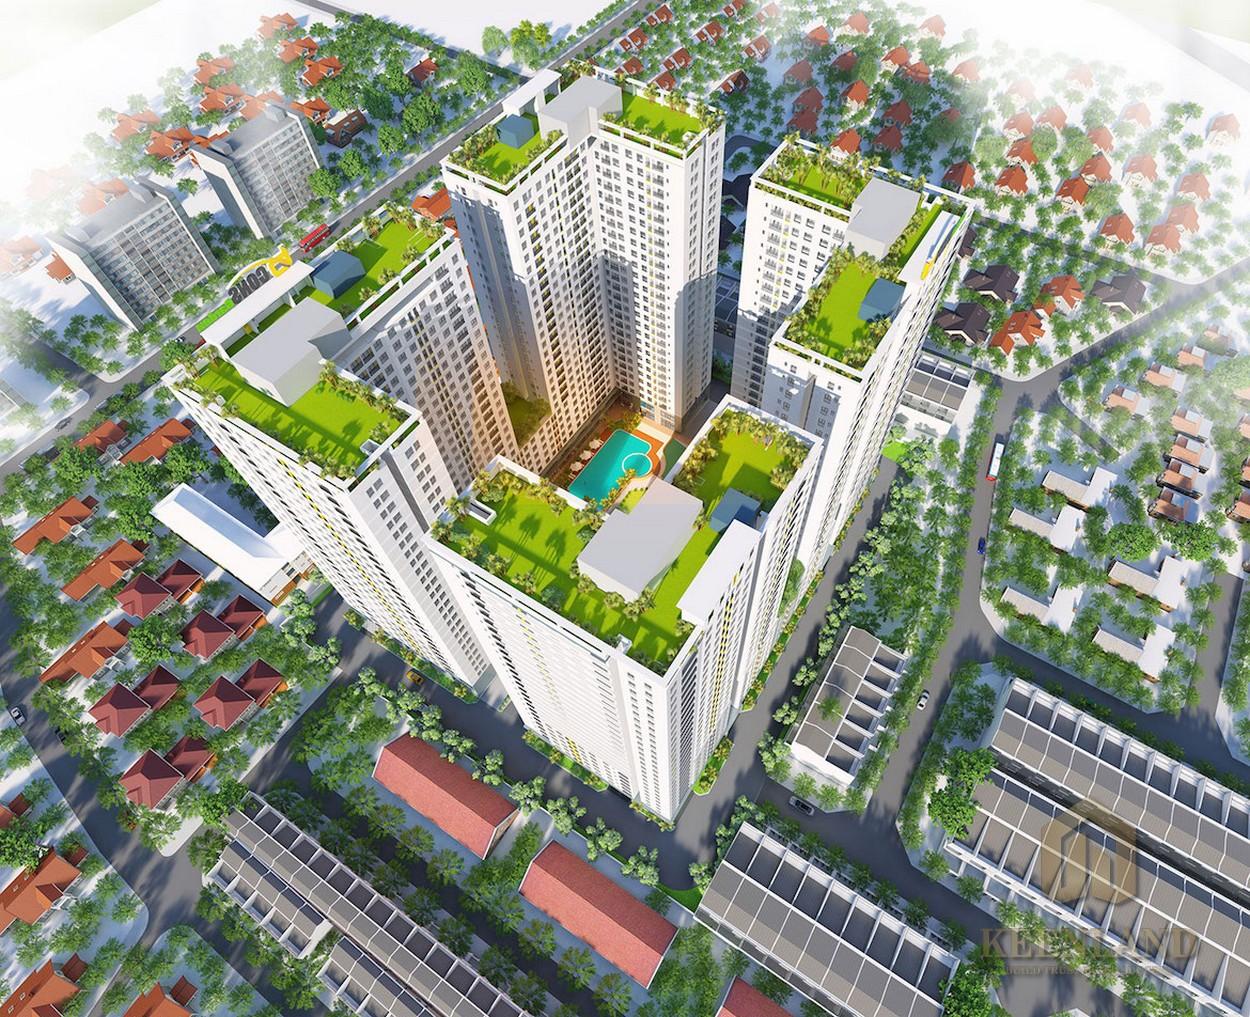 Mua bán dự án căn hộ chung cư Bcons Suối Tiên chủ đầu tư Bcons